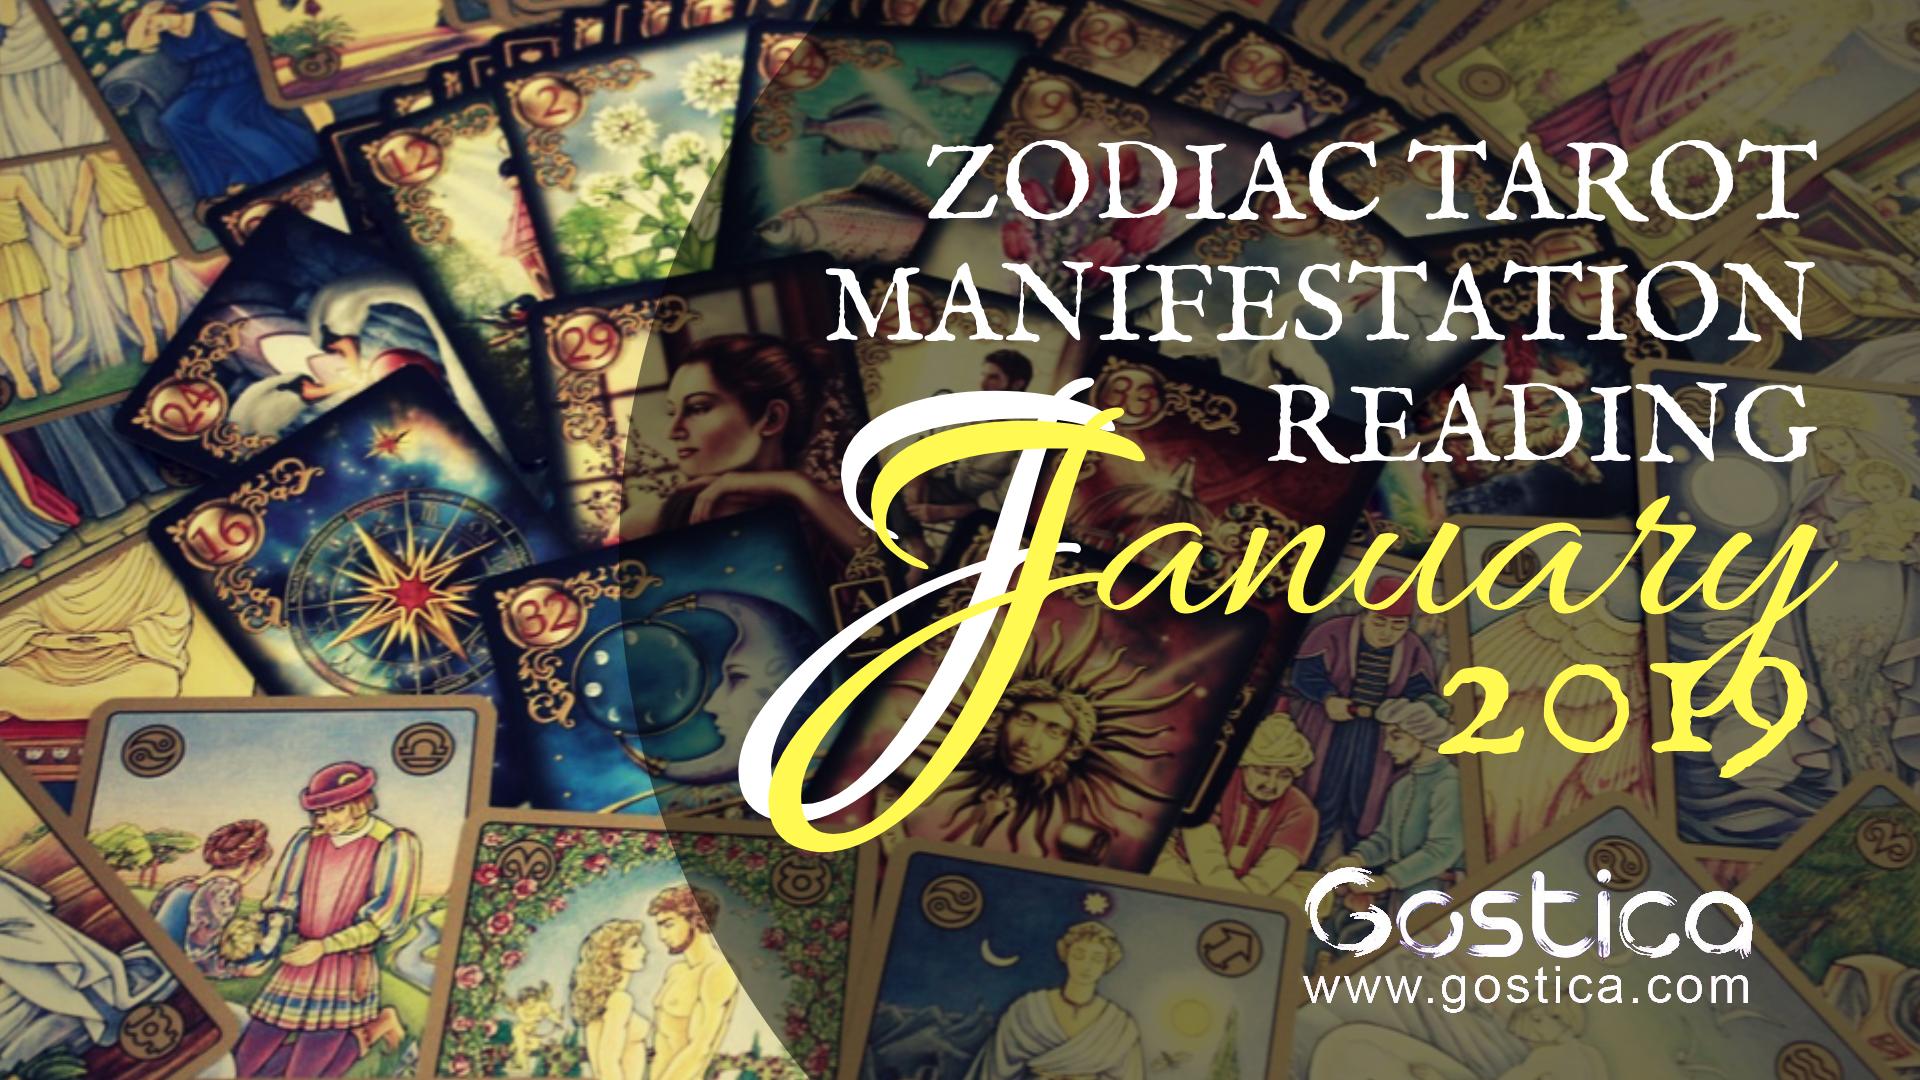 zodiac, tarot reading